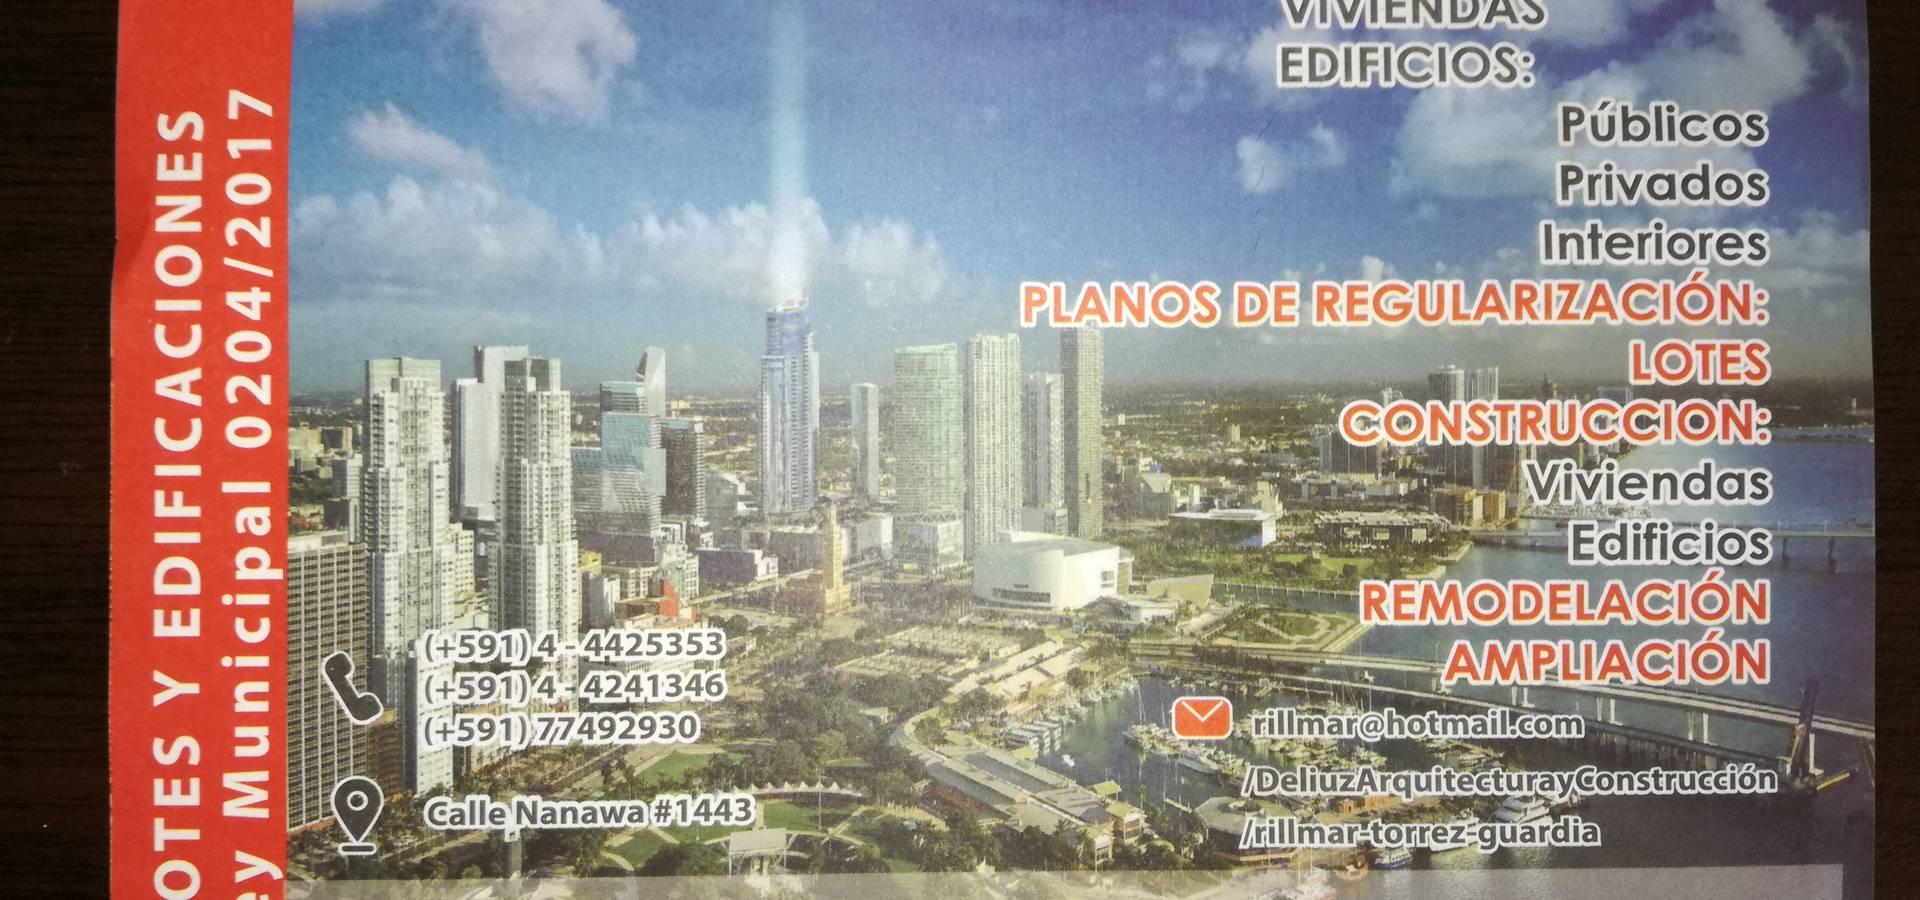 ESTUDIO DE ARQUITECTURA <q>DELIUZ</q>